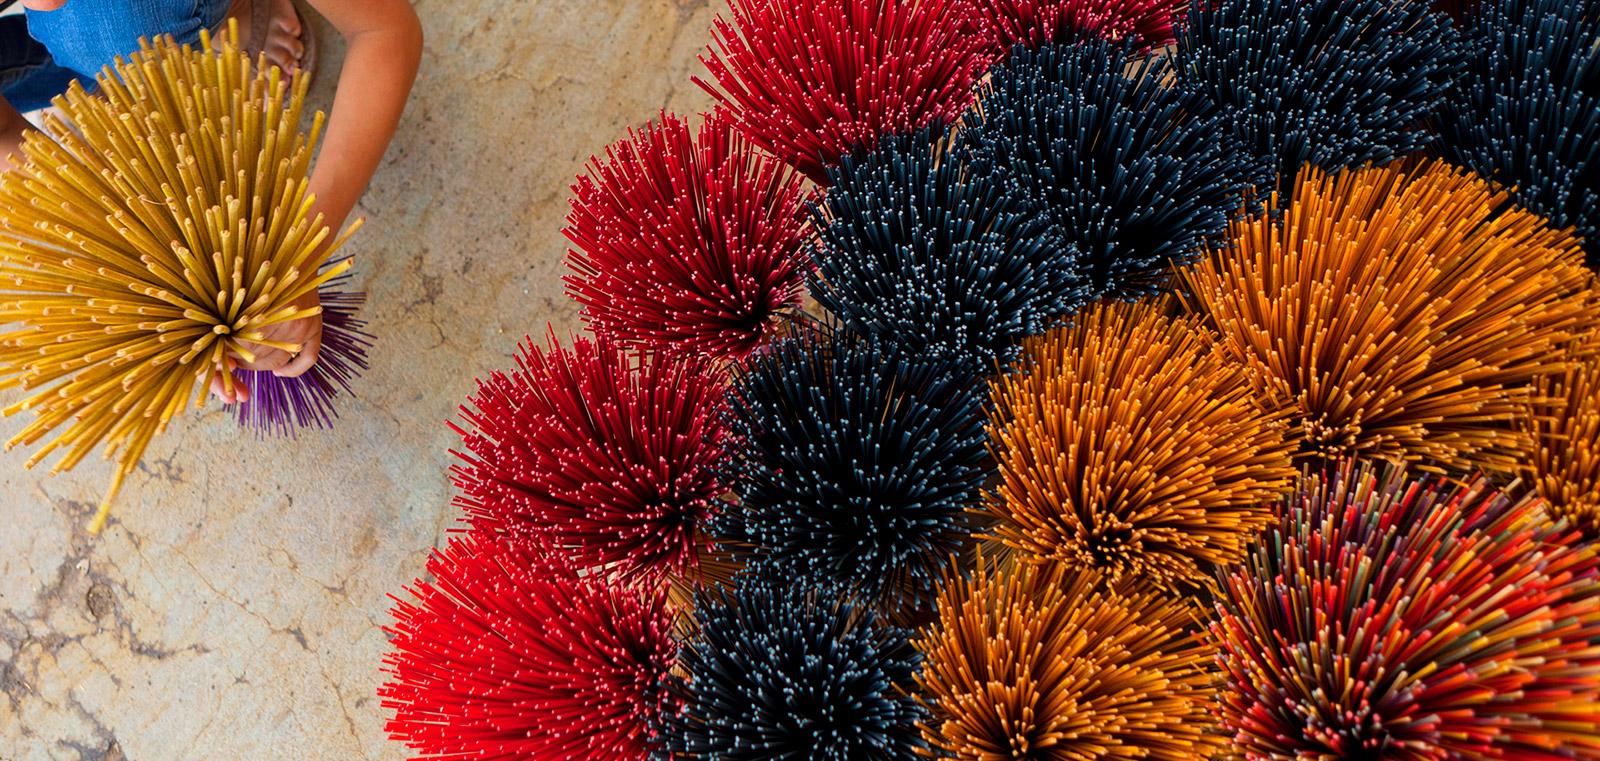 Làng nghề làm hương Xuân Thuỷ, tỉnh Thừa Thiên Huế